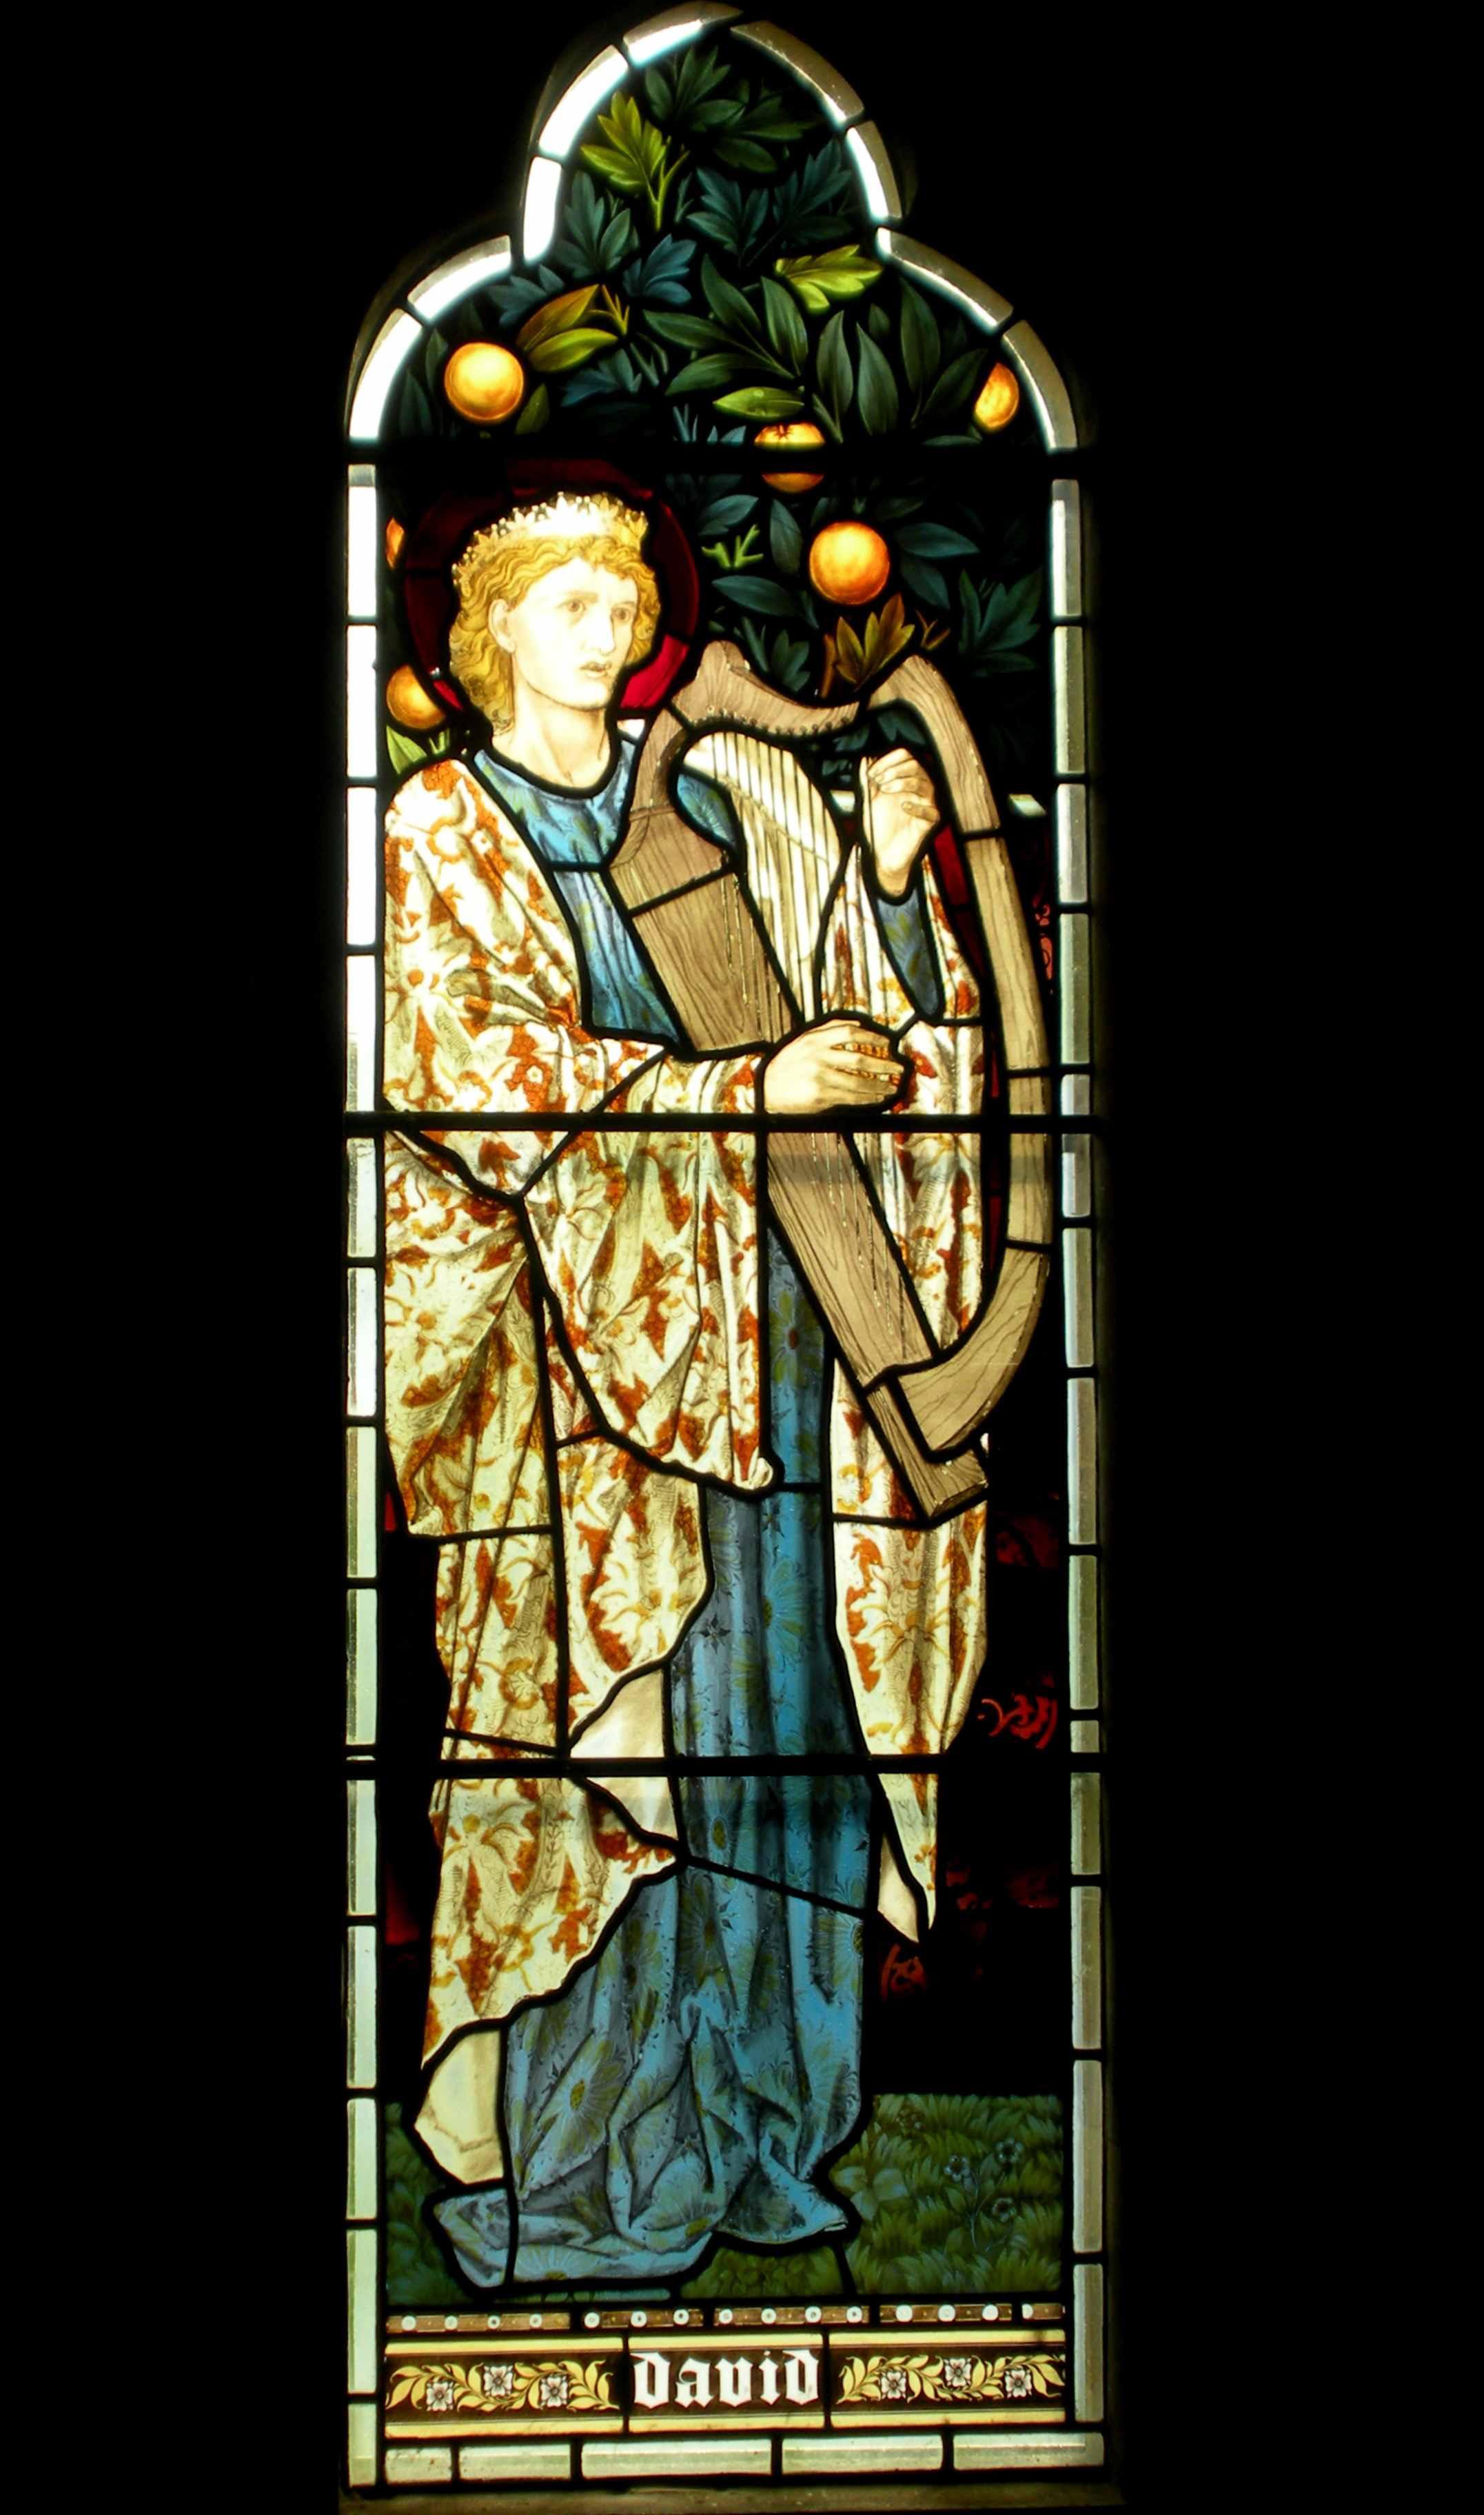 http://upload.wikimedia.org/wikipedia/commons/f/fc/David_Burne-Jones.jpg